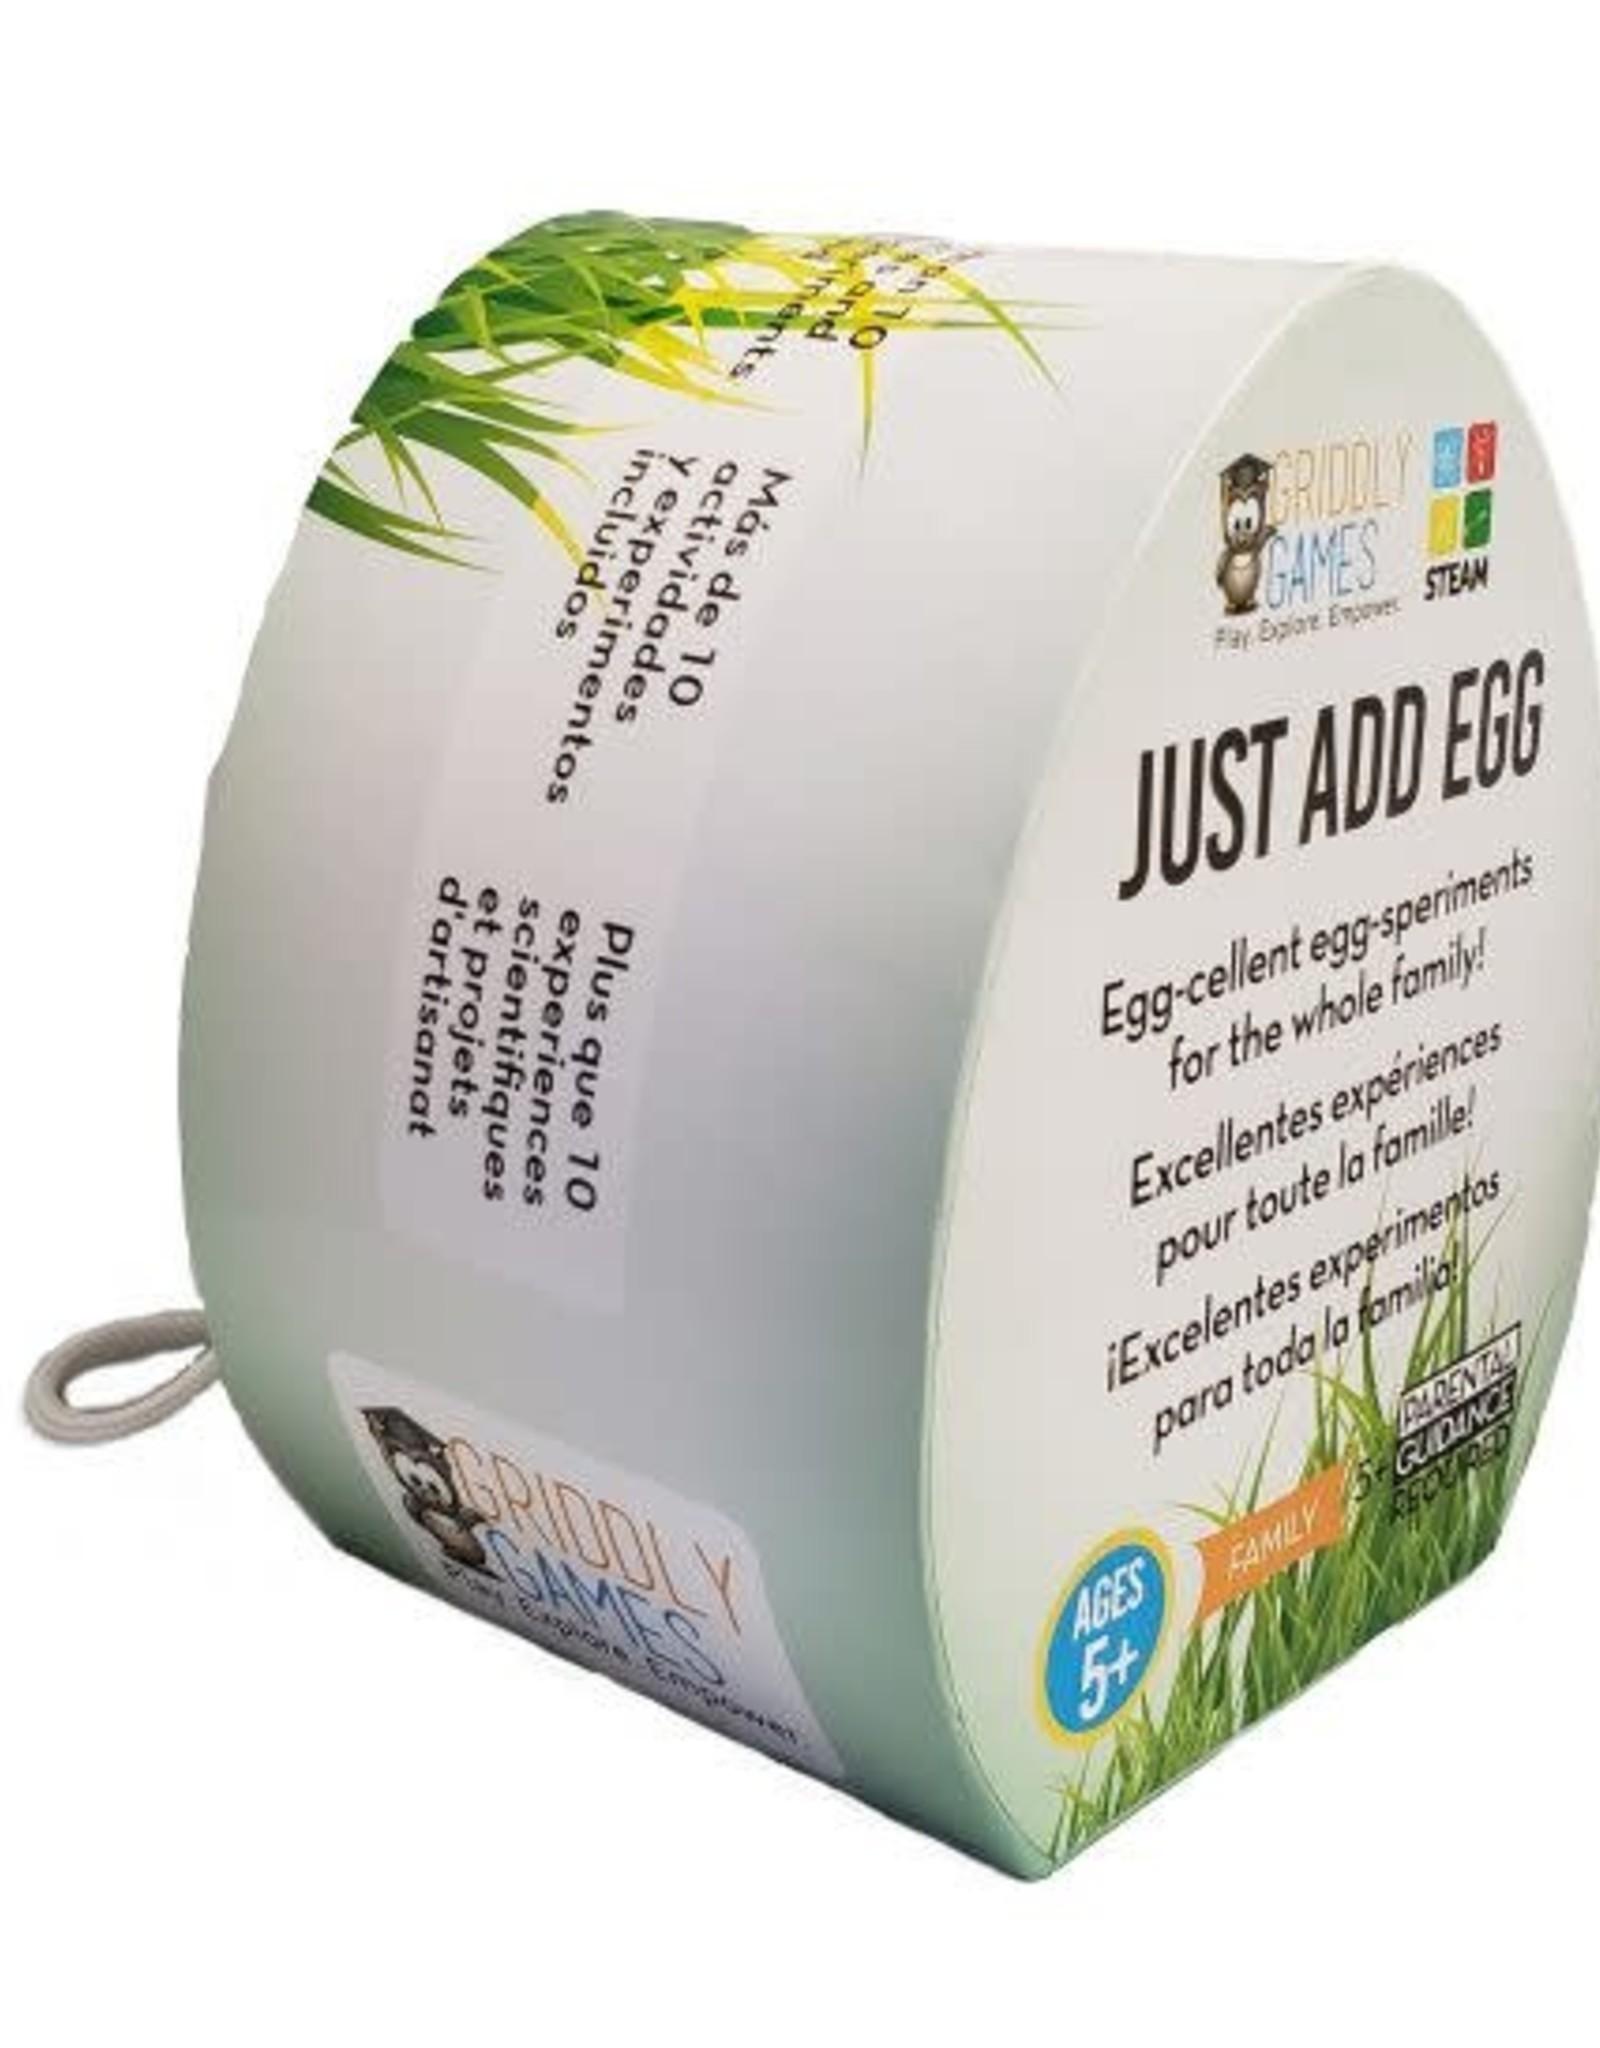 Griddly Games Just Add Egg